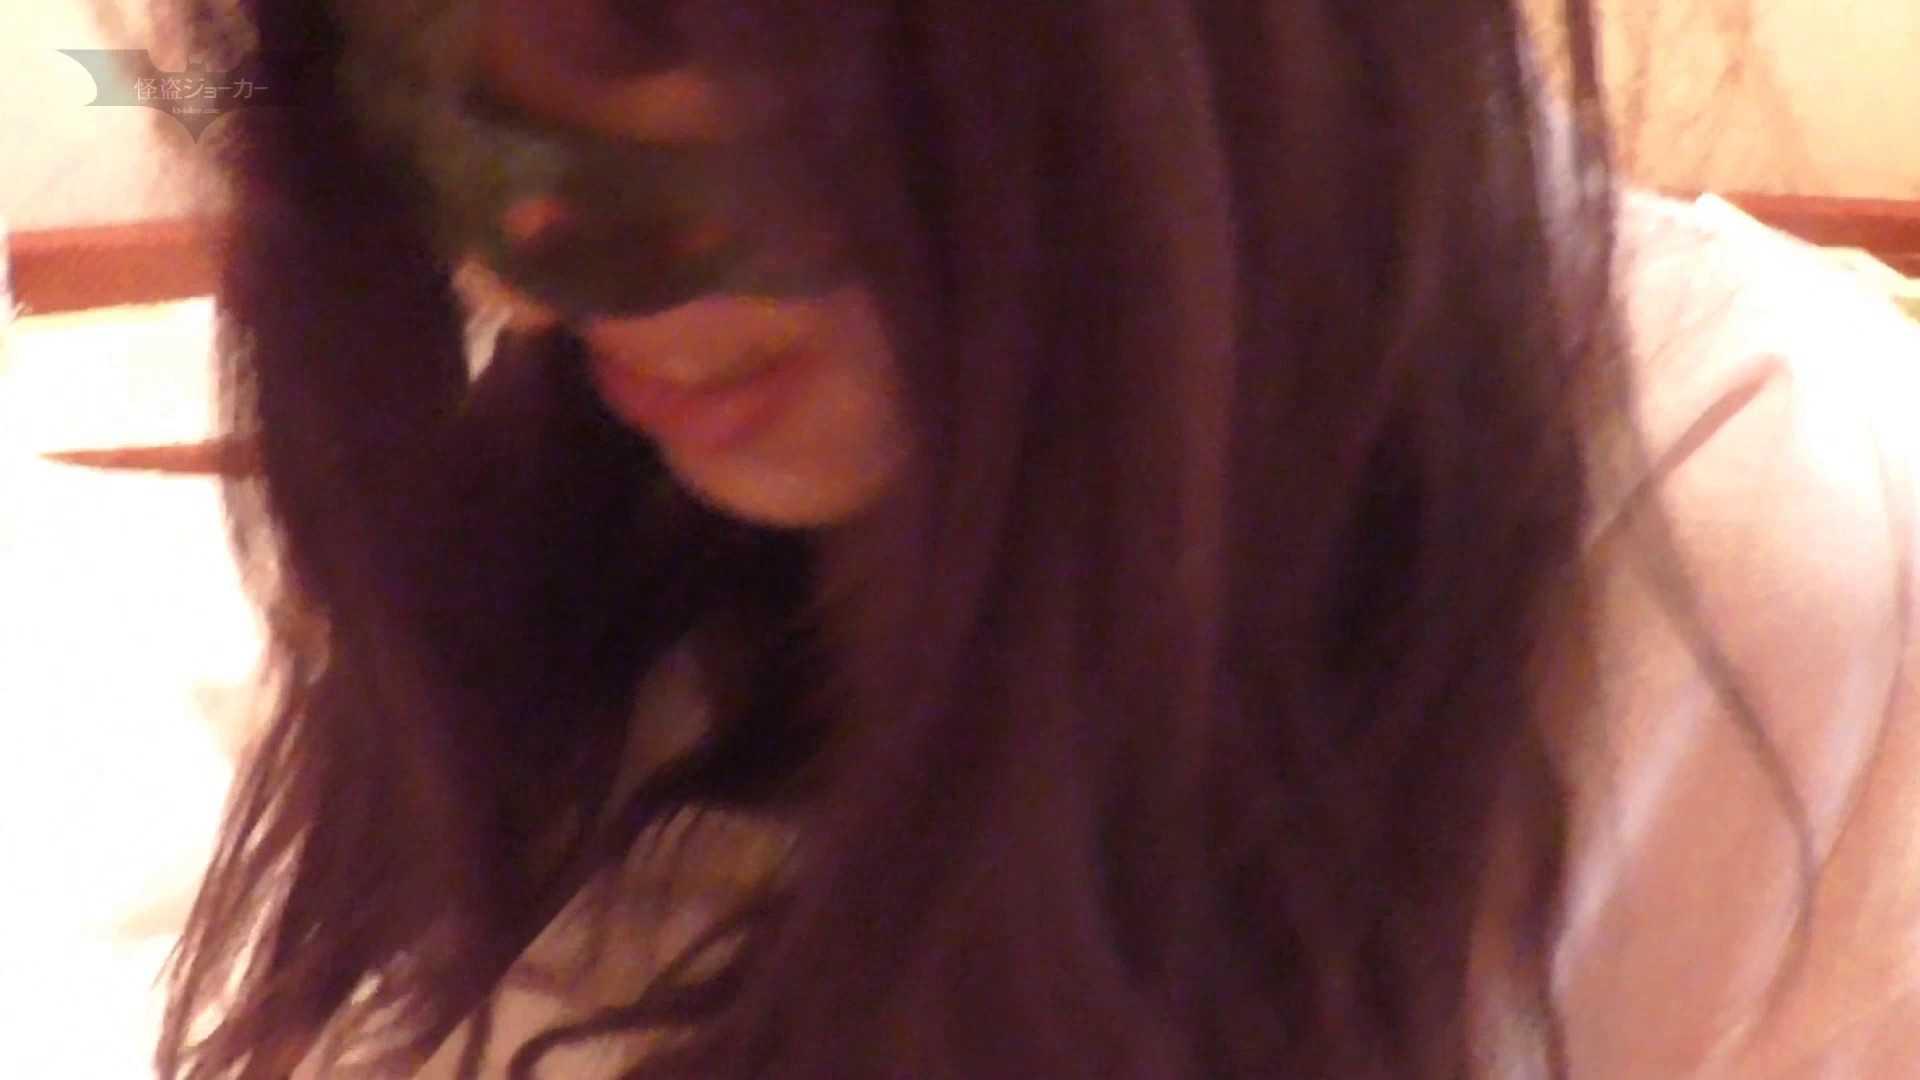 パンツを売る女 Vol.18 最近のSEIFUKUは話が早いっ!舐めるの上手いっ フェラ・シーン われめAV動画紹介 102枚 42